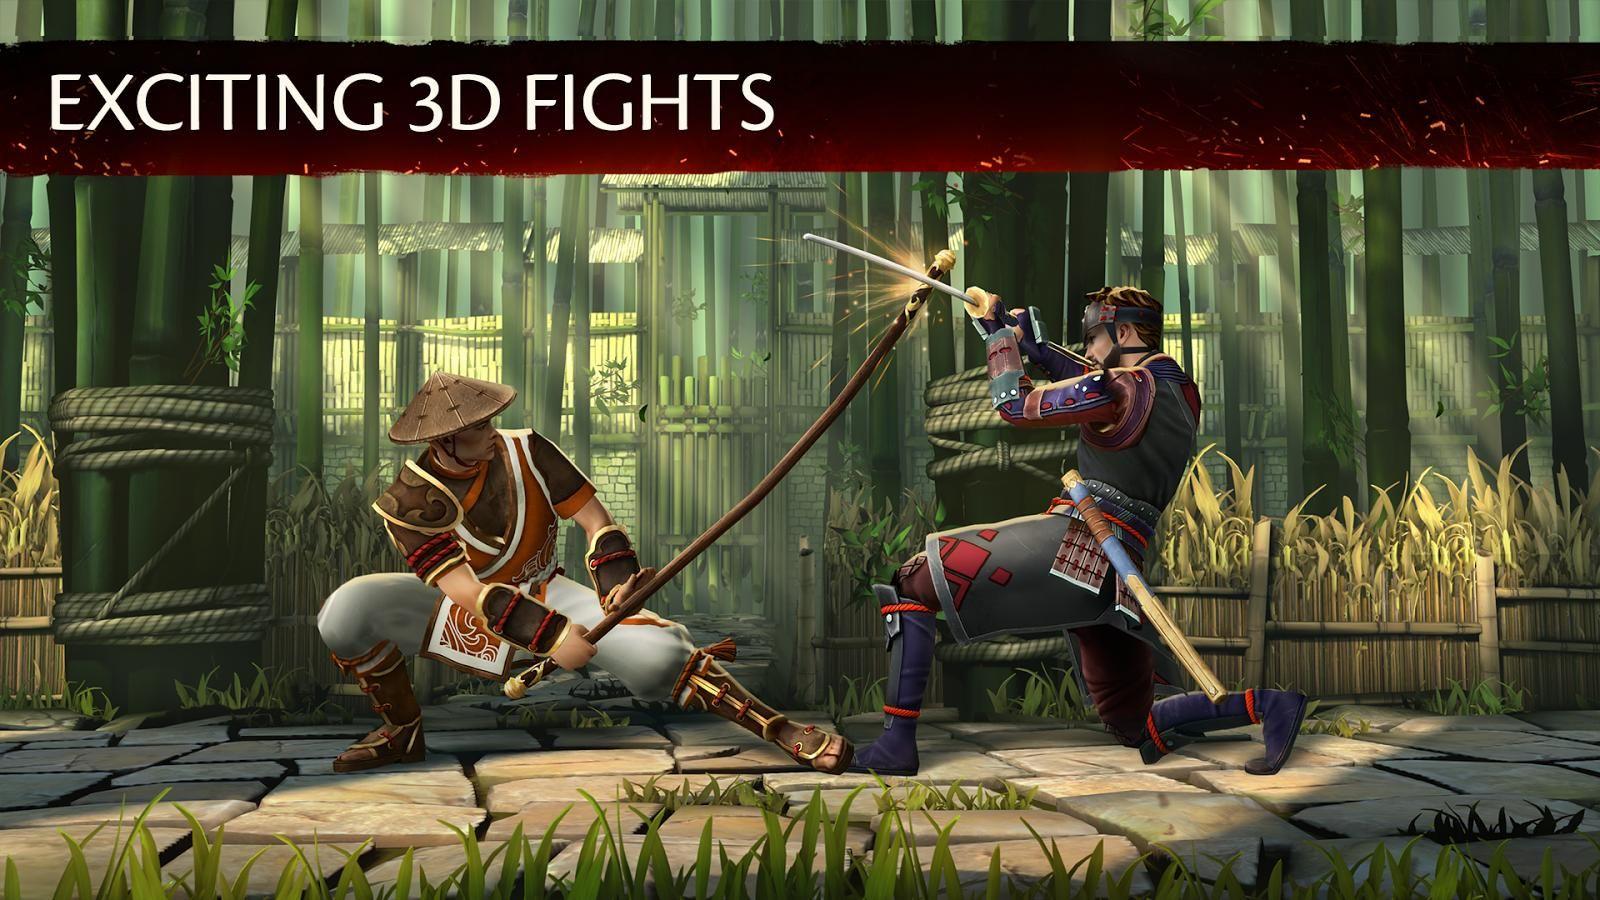 暗影格斗3手机游戏最新版下载中文版图2: